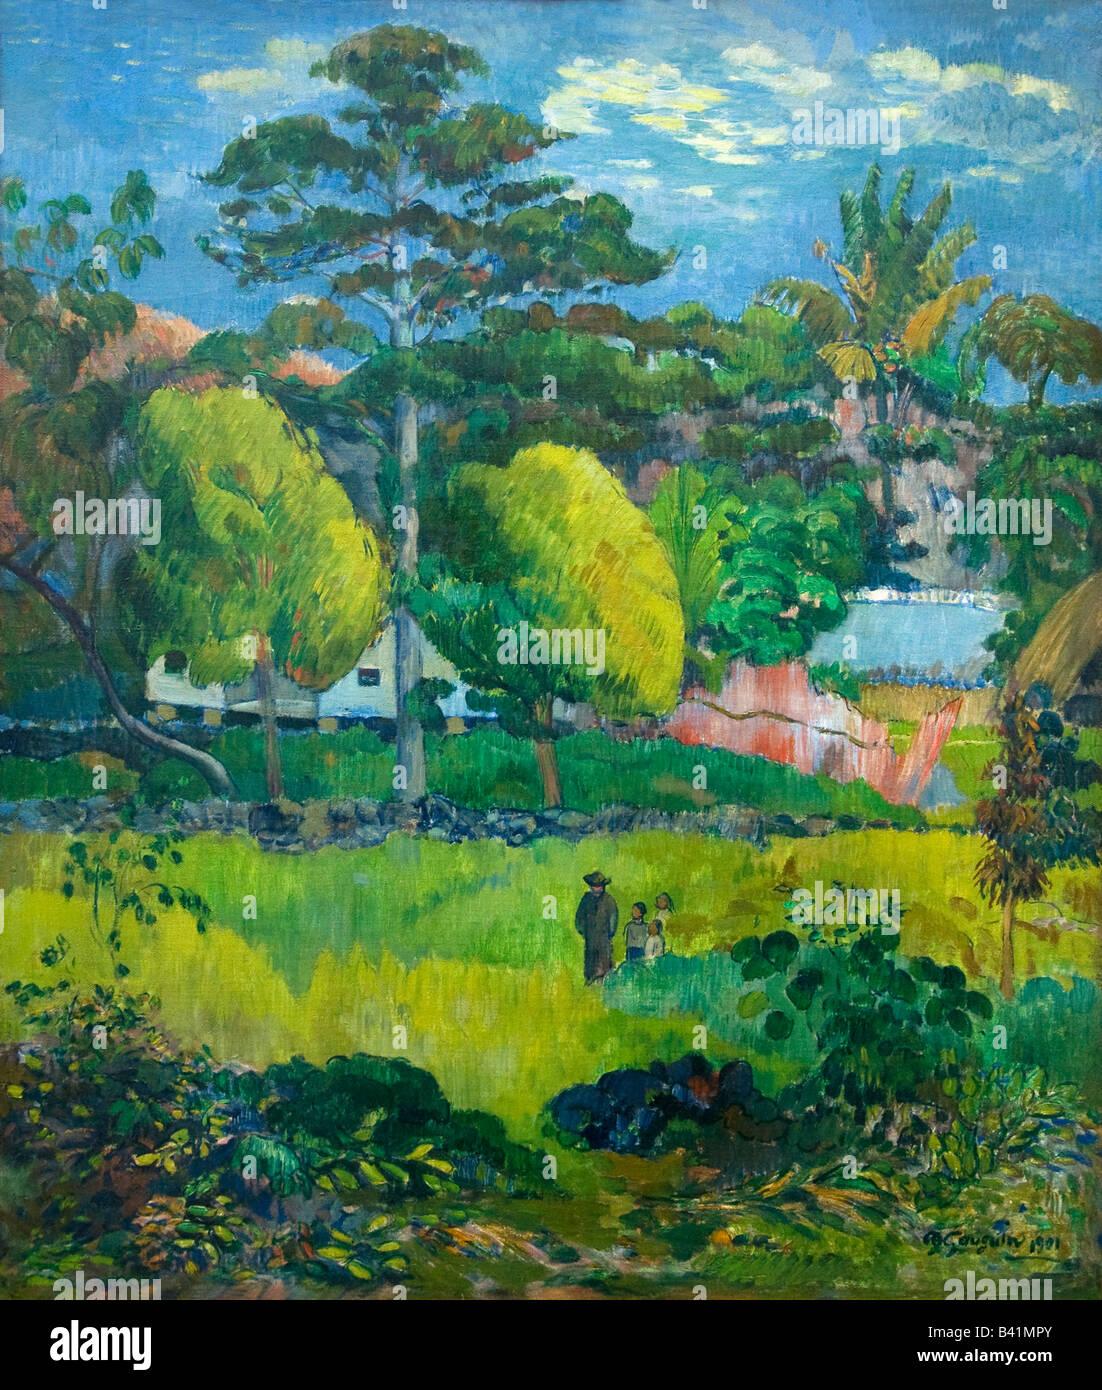 Paysage Landscape painted by Paul Gauguin 1901 Musee de L'Orangerie Paris France - Stock Image